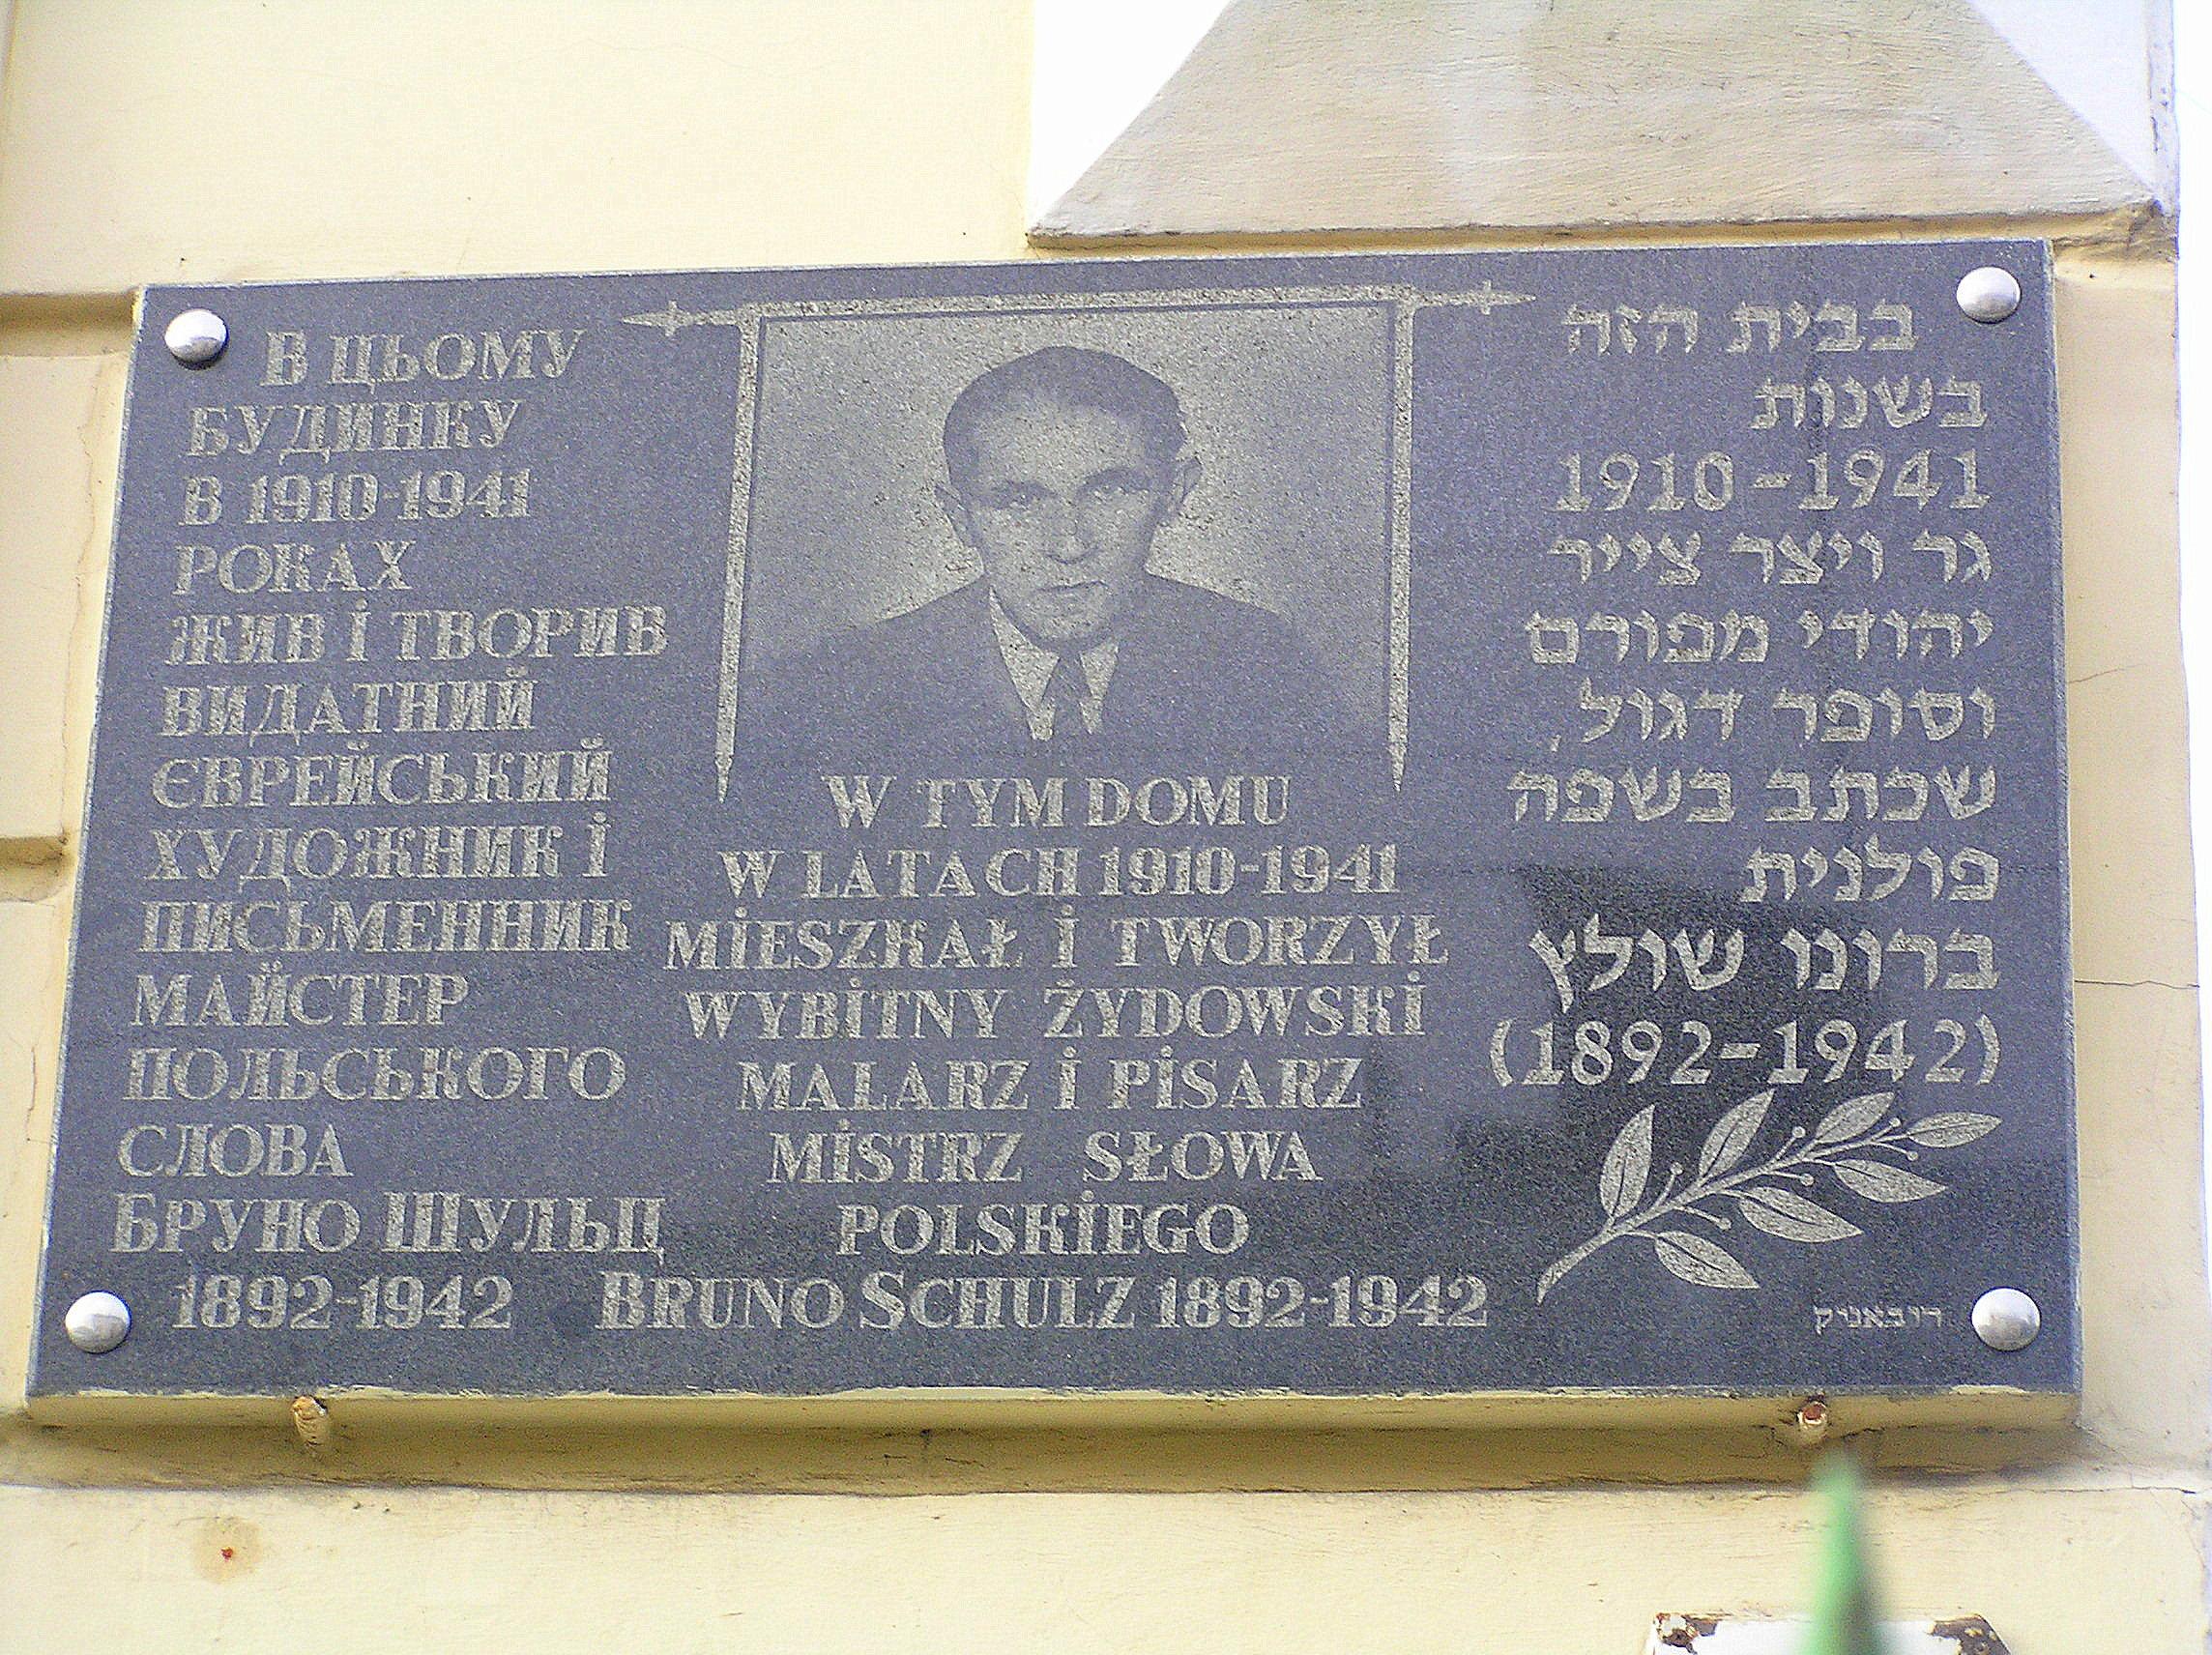 Tablica pamiątkowa na domu, w którym Schulz mieszkał w latach 1912-1941.